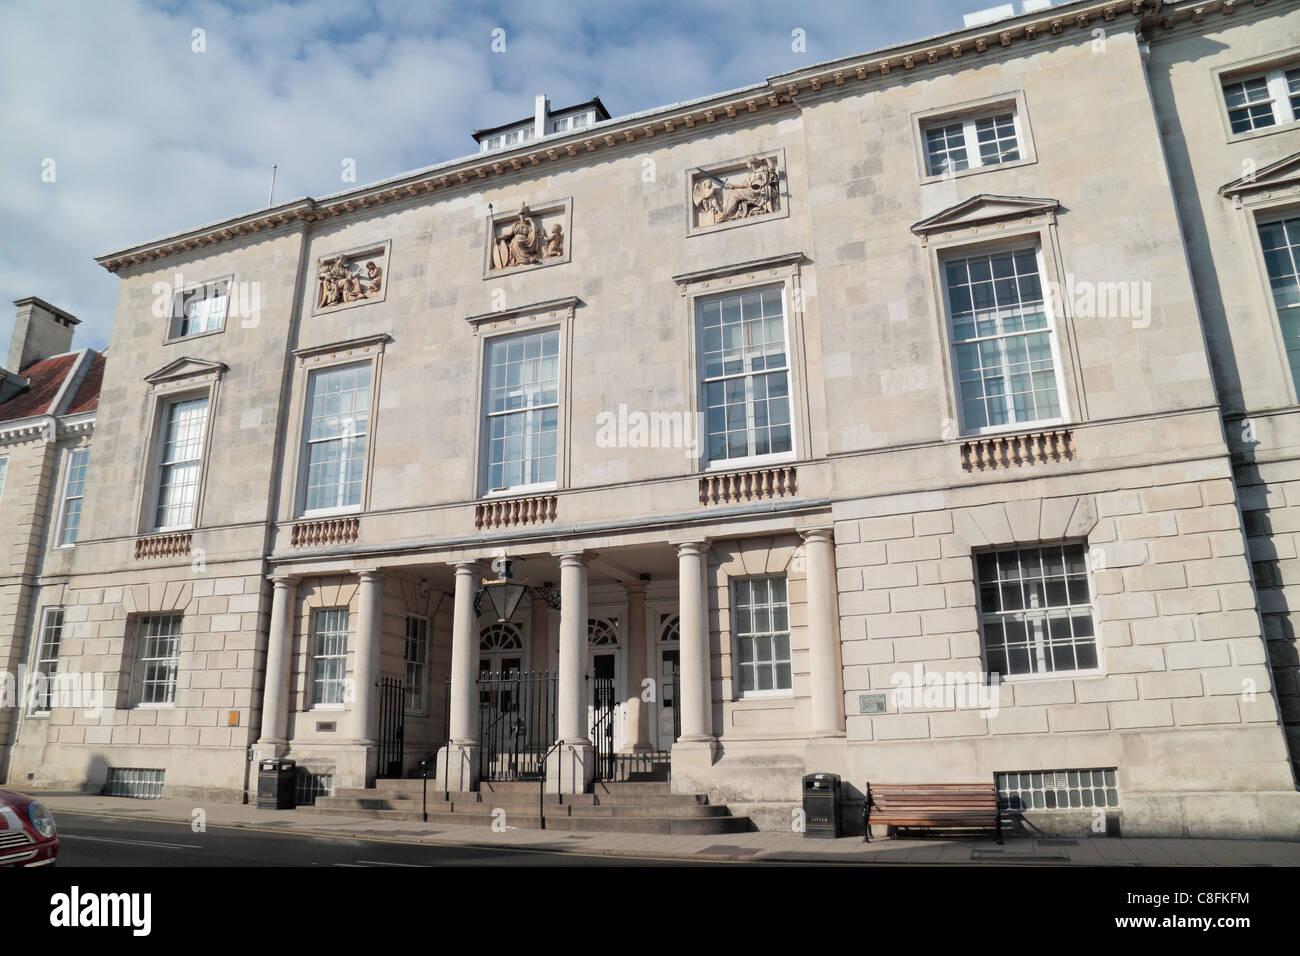 Entrada principal al Lewes County Hall & Crown Court edificios en el centro de Lewes, East Sussex, Reino Unido. Foto de stock